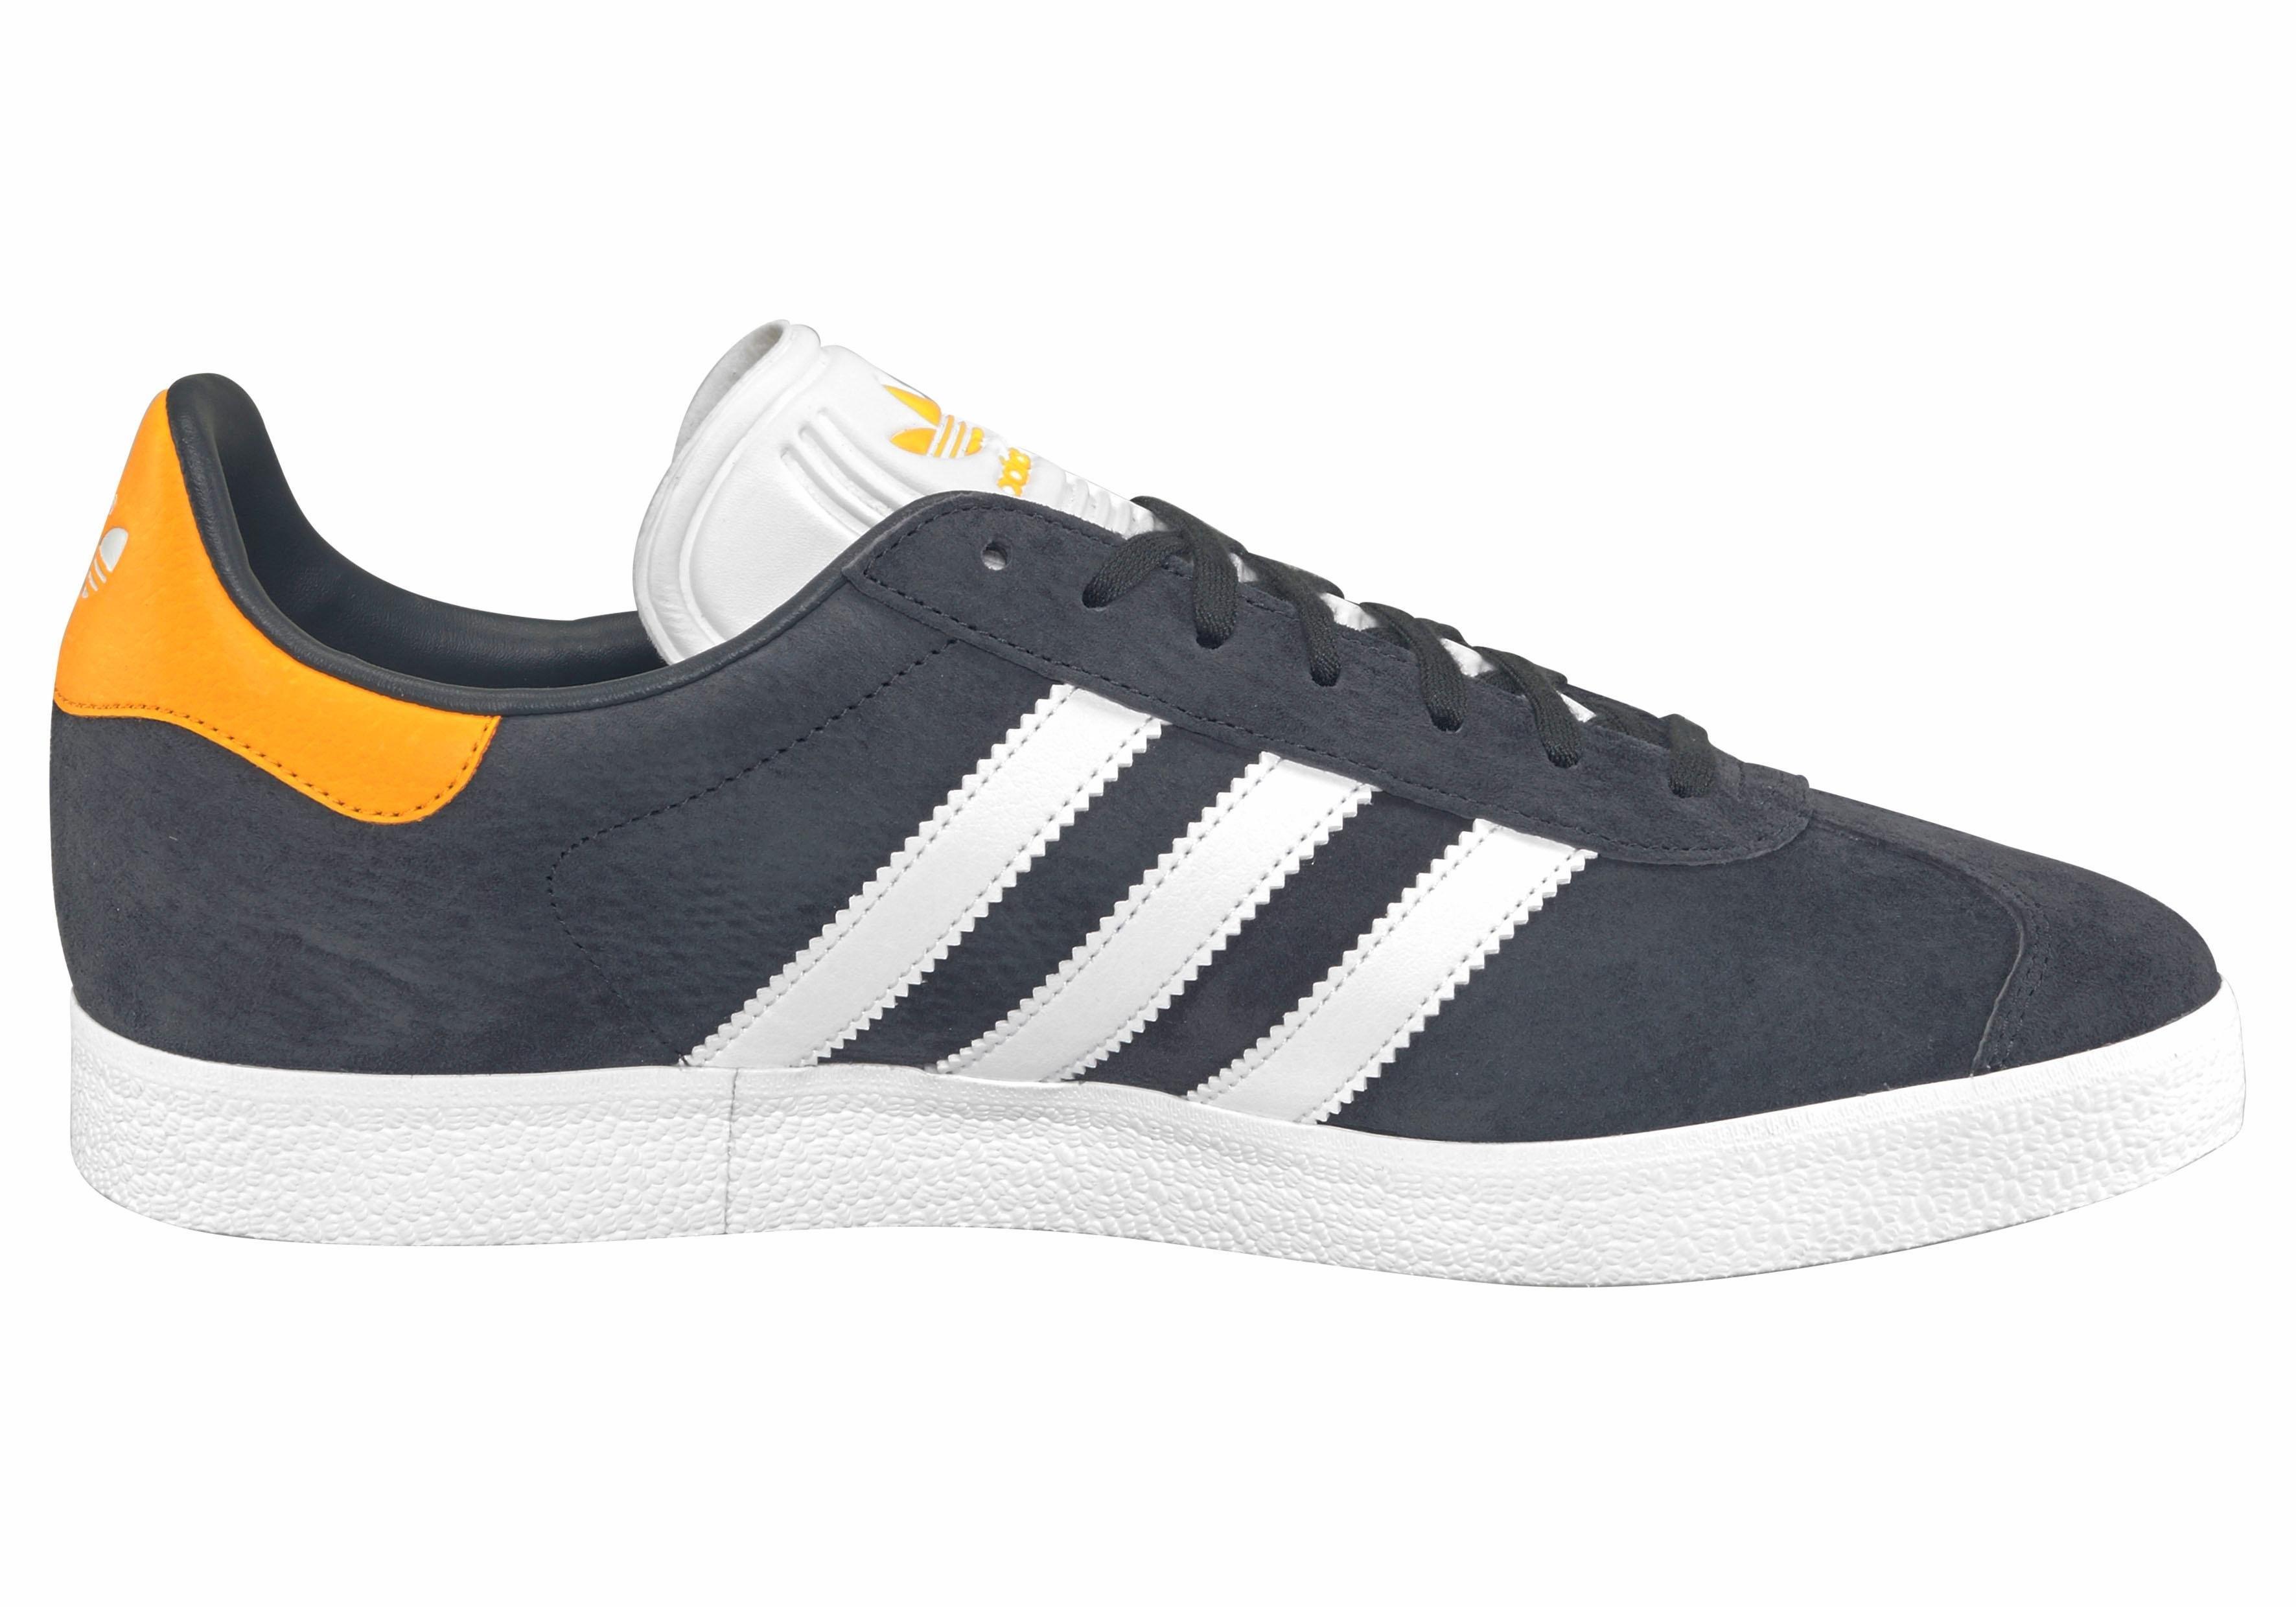 Sneakersgazelle Adidas Online Originals Verkrijgbaar wiOPZuTkX